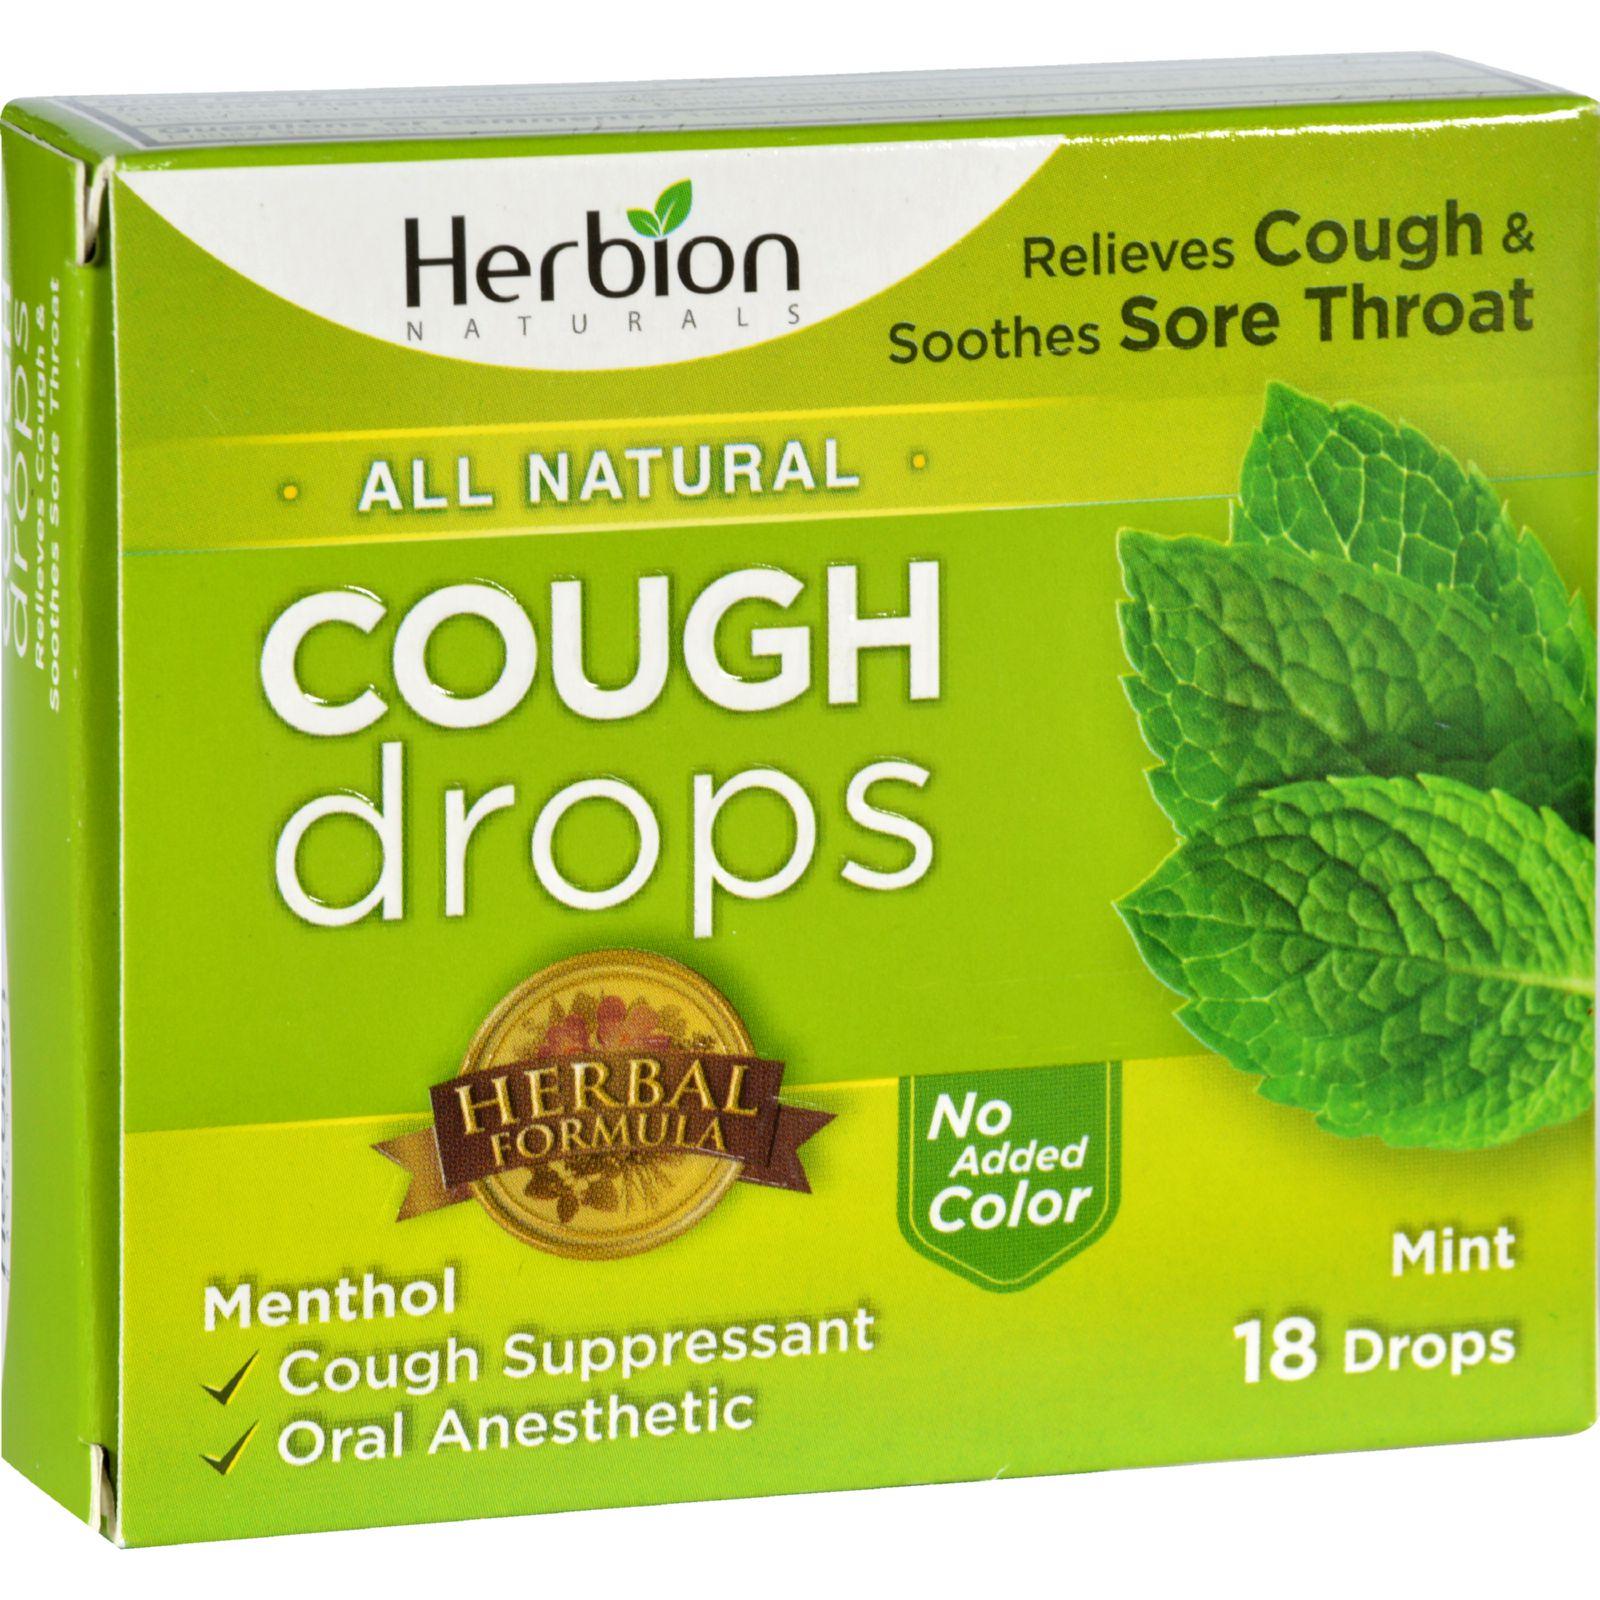 Herbion Naturals Cough Drops  All Natural  Mint  18 Drops